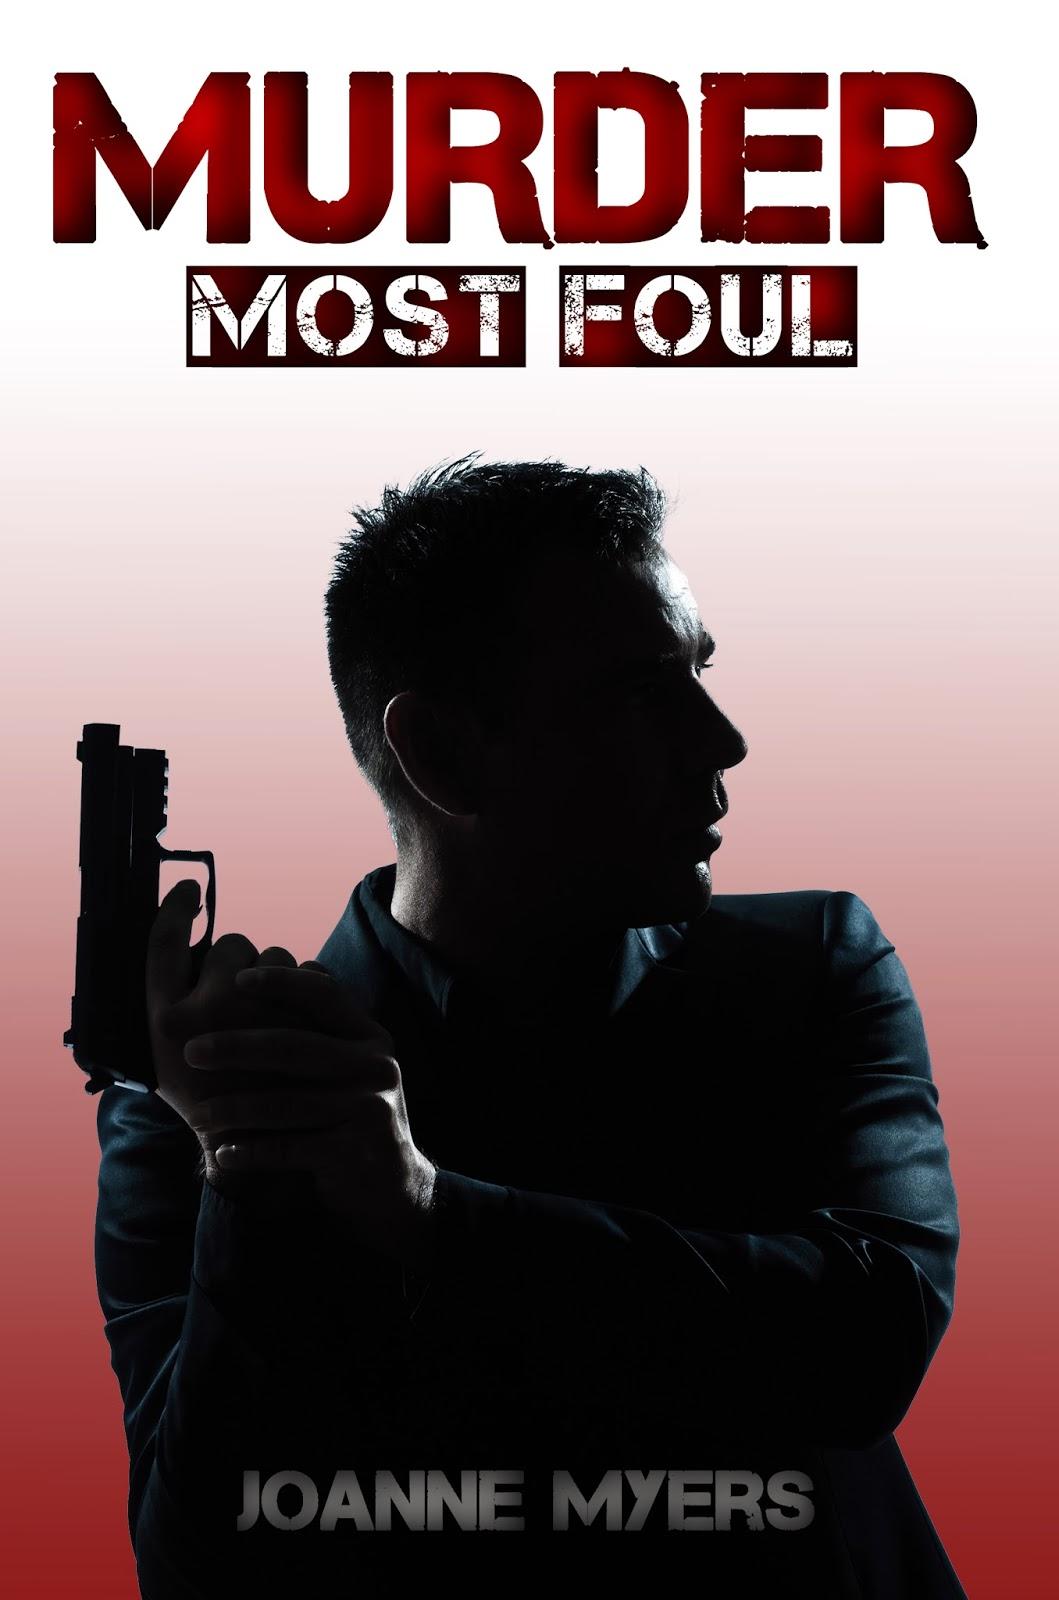 Book Spotlight: Murder Most Foul by JoAnne Myers